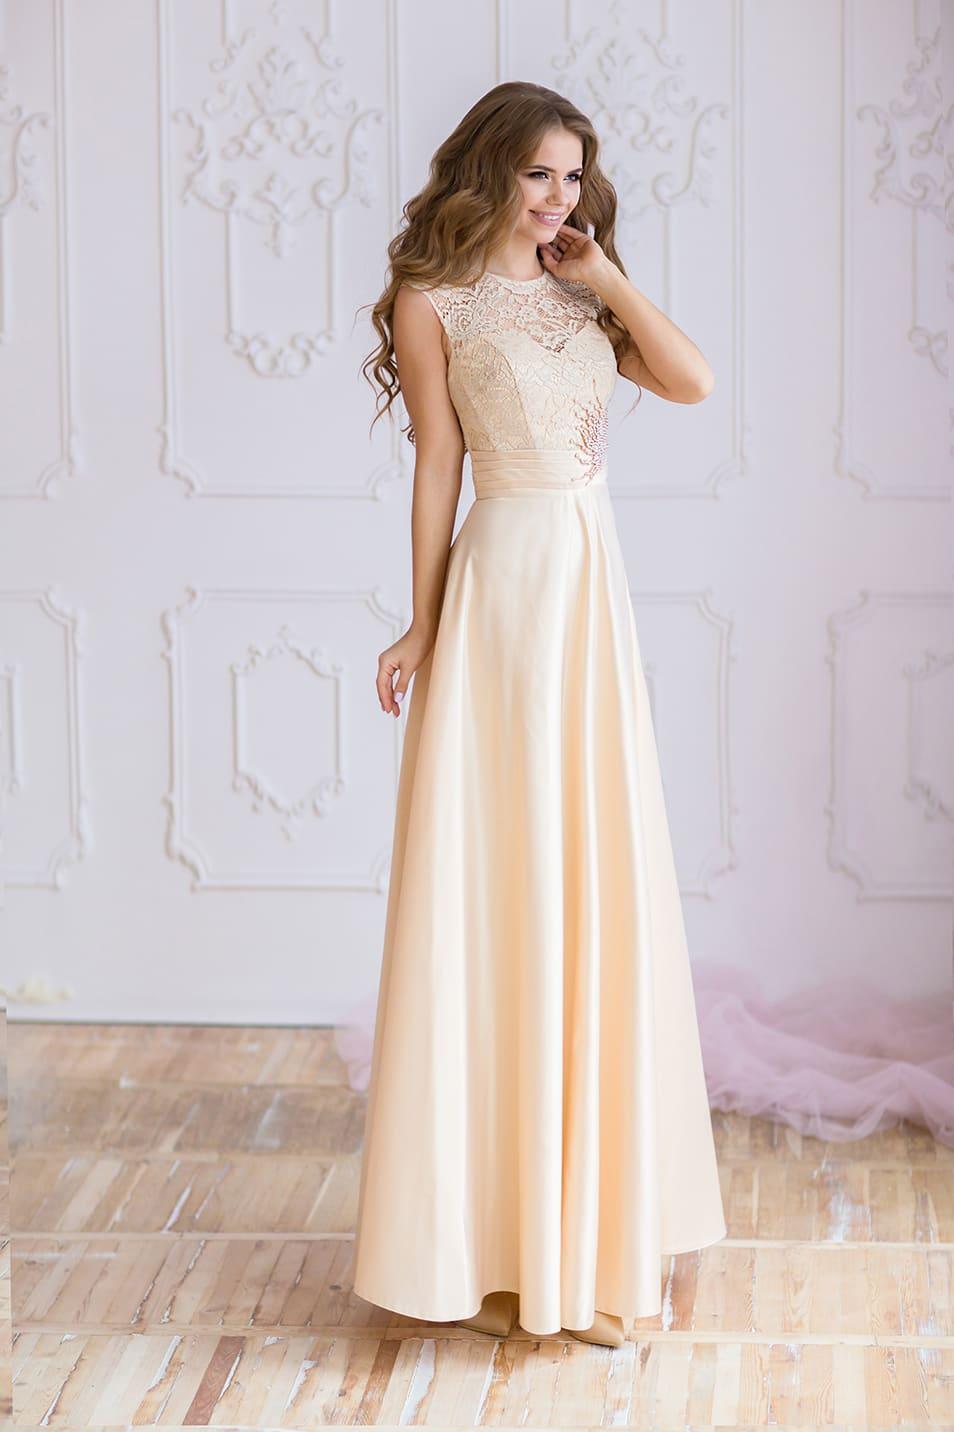 598d30af1b78 Кремовое вечернее платье прямого кроя с кружевной вставкой над вырезом  лифа. Valentina Gladun Gatsby   Coquette